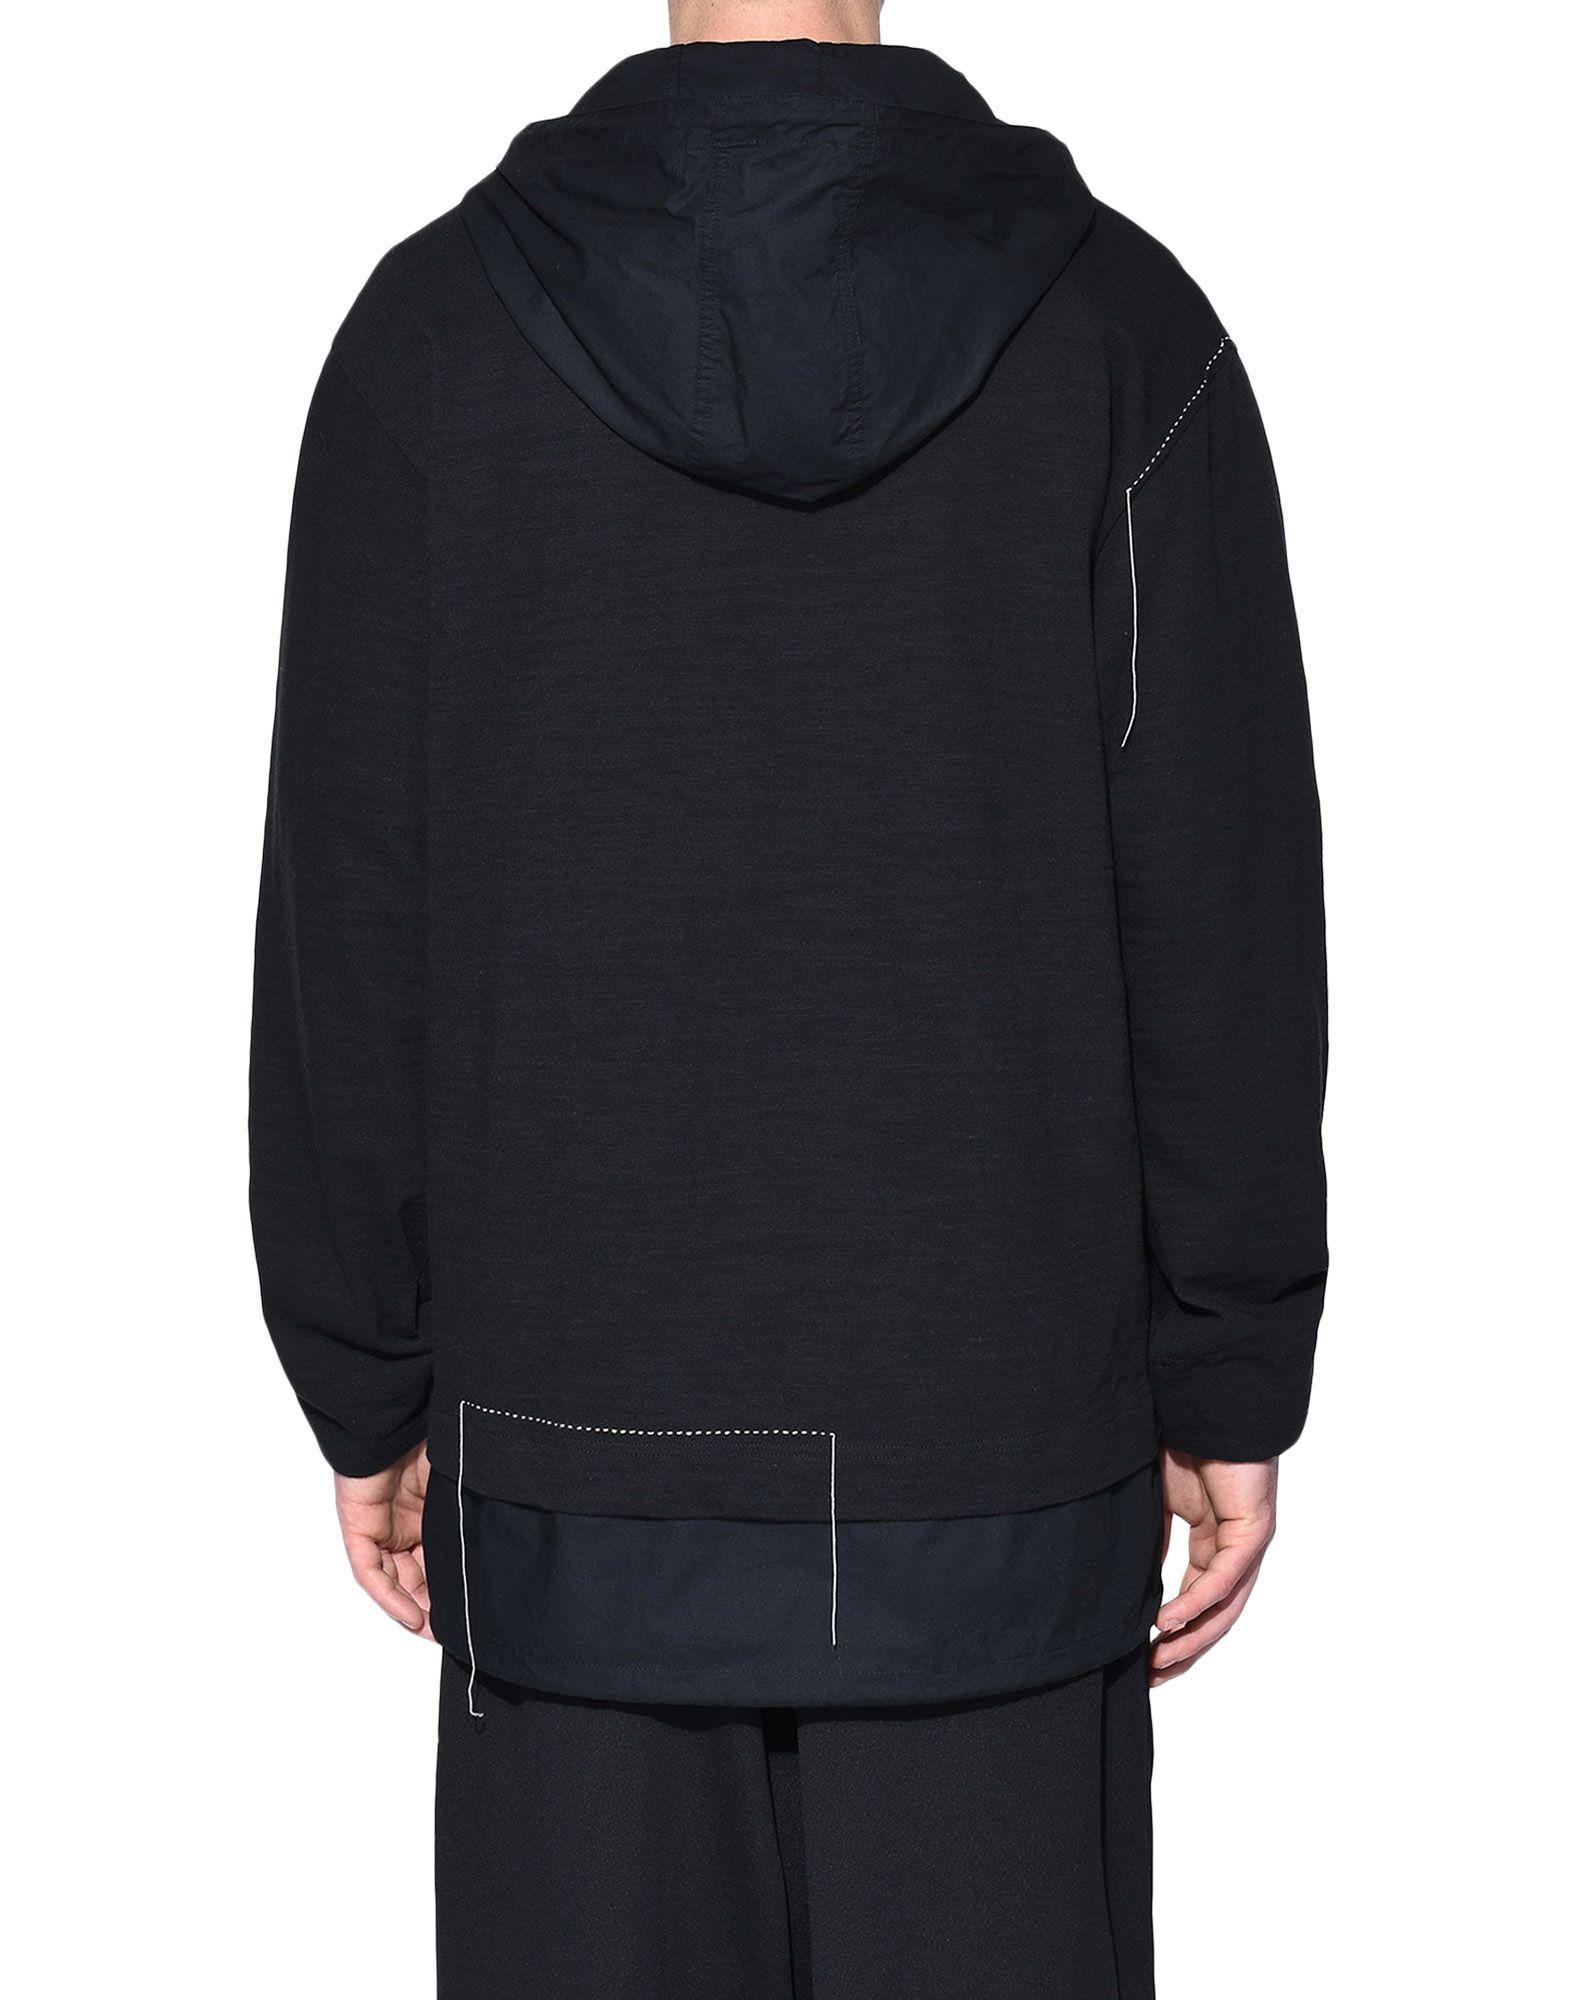 Y-3 Y-3 Sashiko Layered Hoodie Hooded sweatshirt Man d